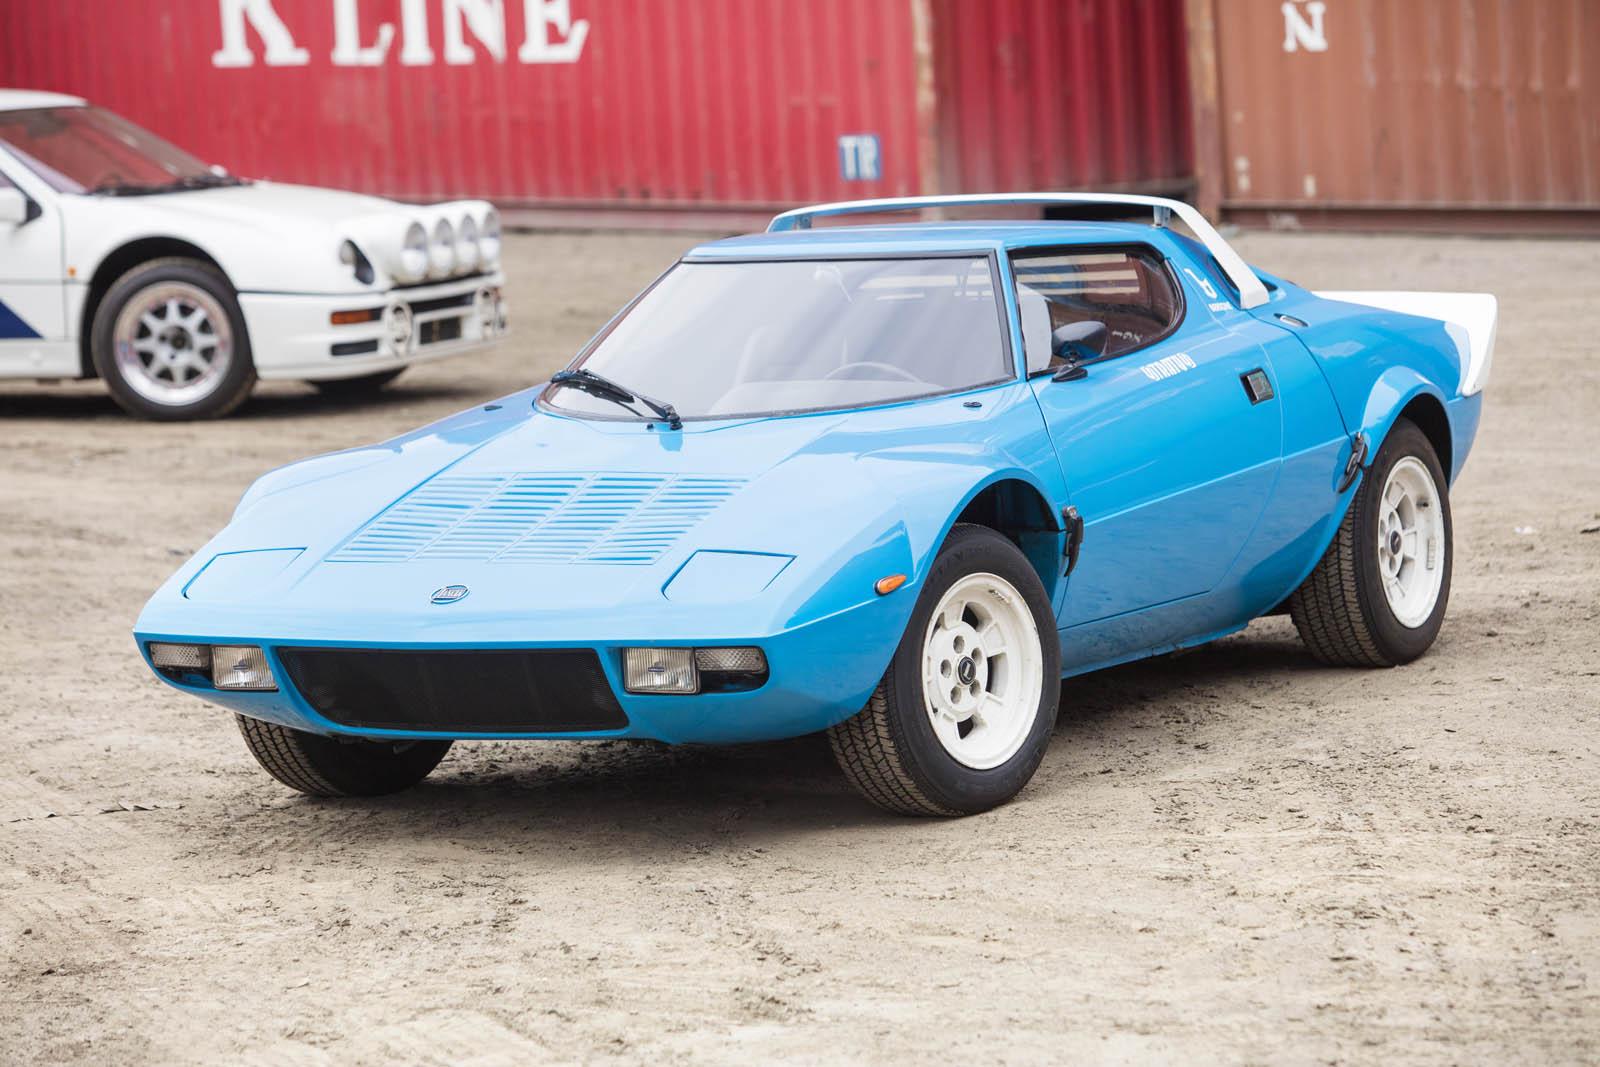 1975_lancia_stratos_hf_stradale_14_-_soymotor.jpg